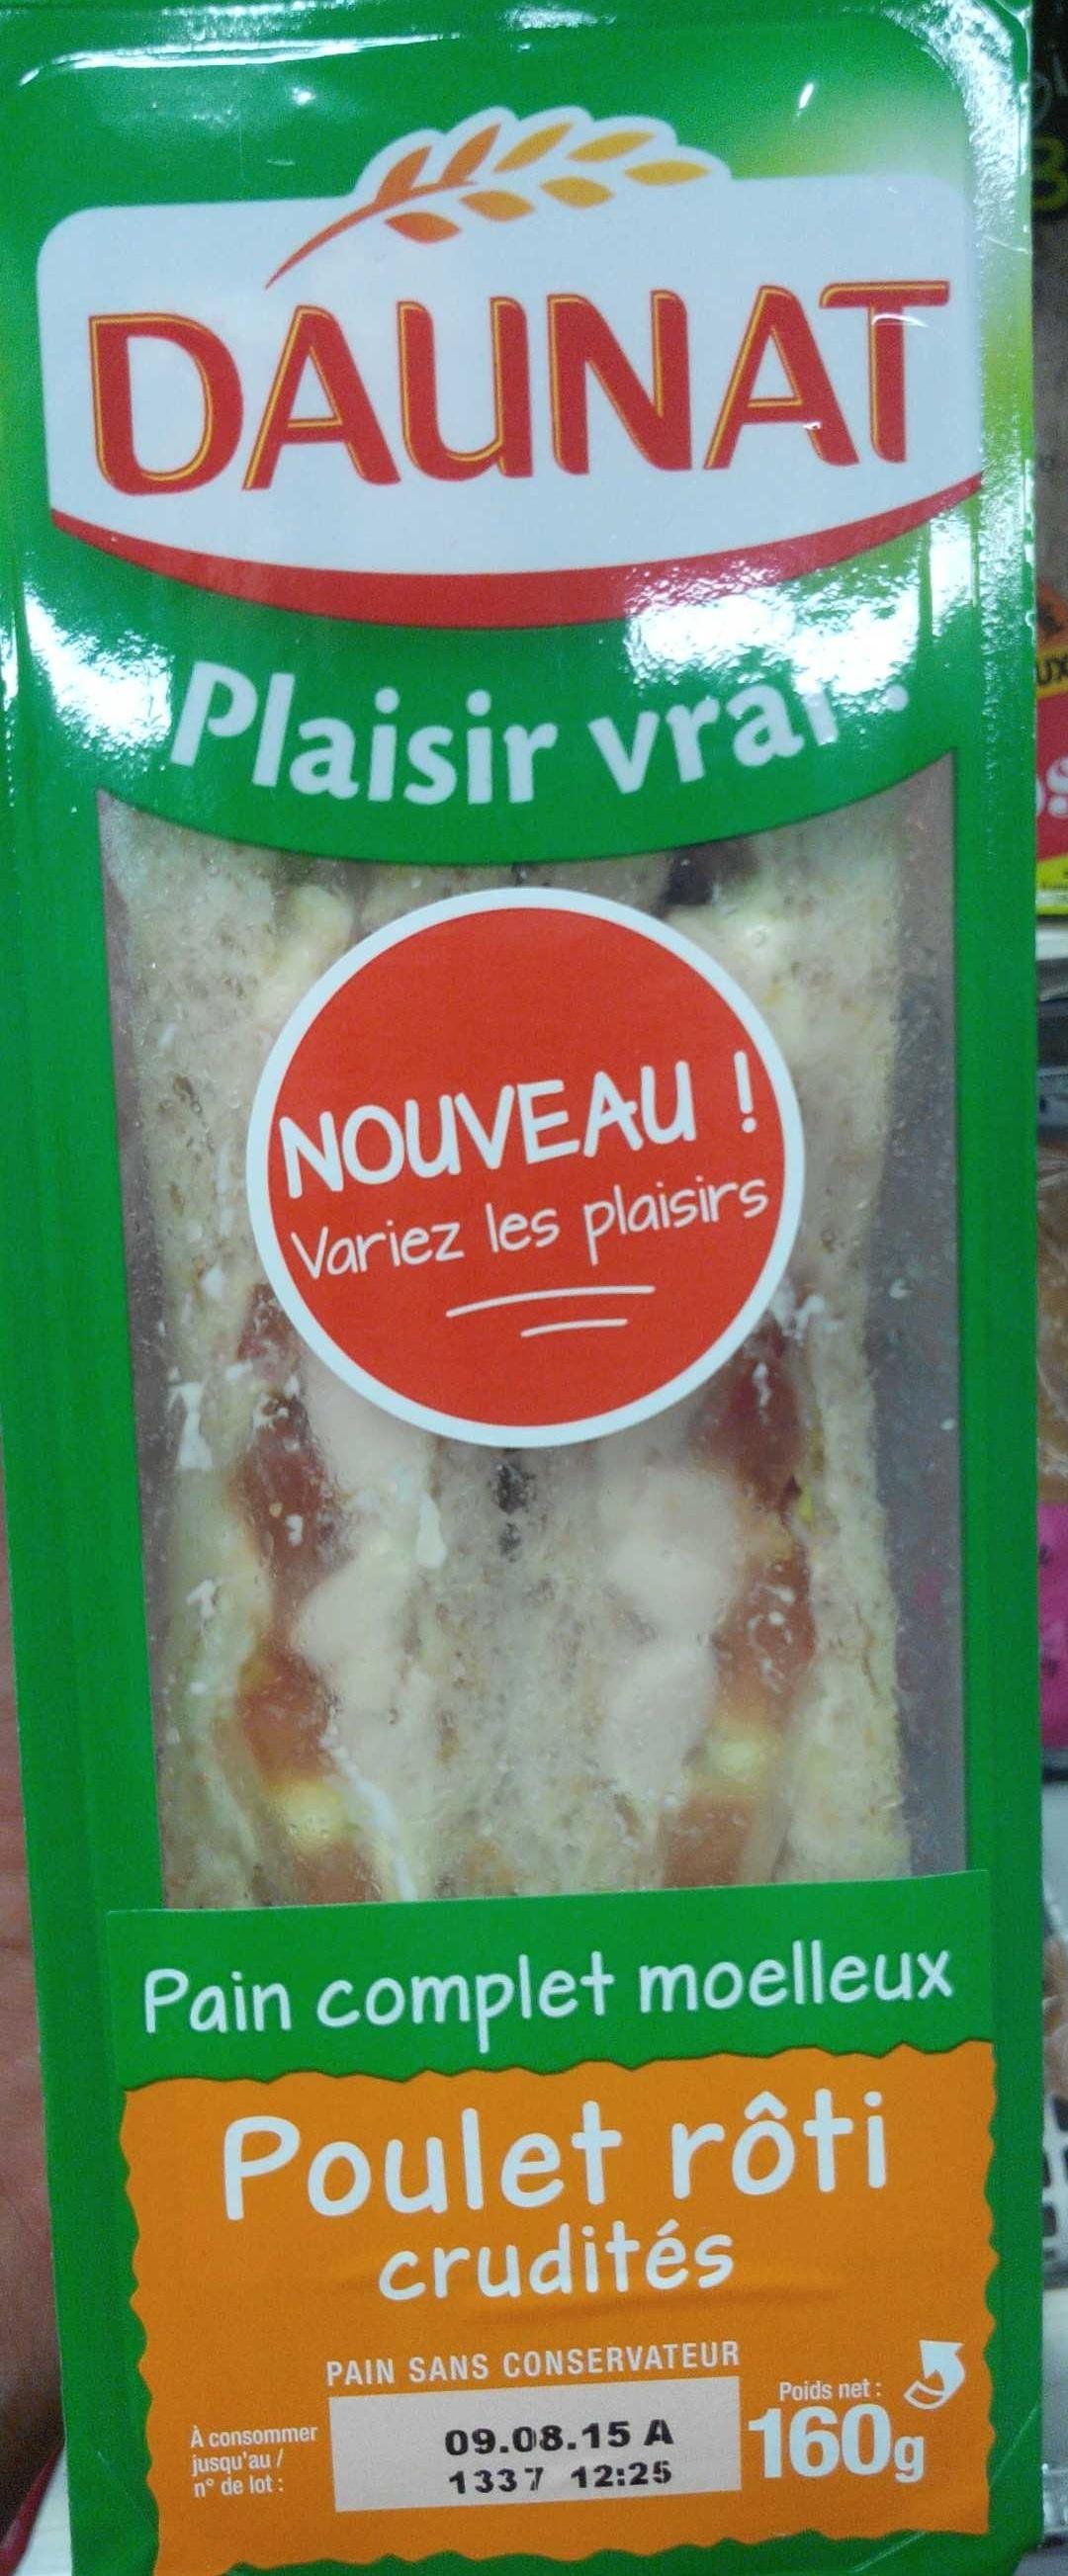 Le Club classique pain complet Poulet rôti crudités - Produit - fr